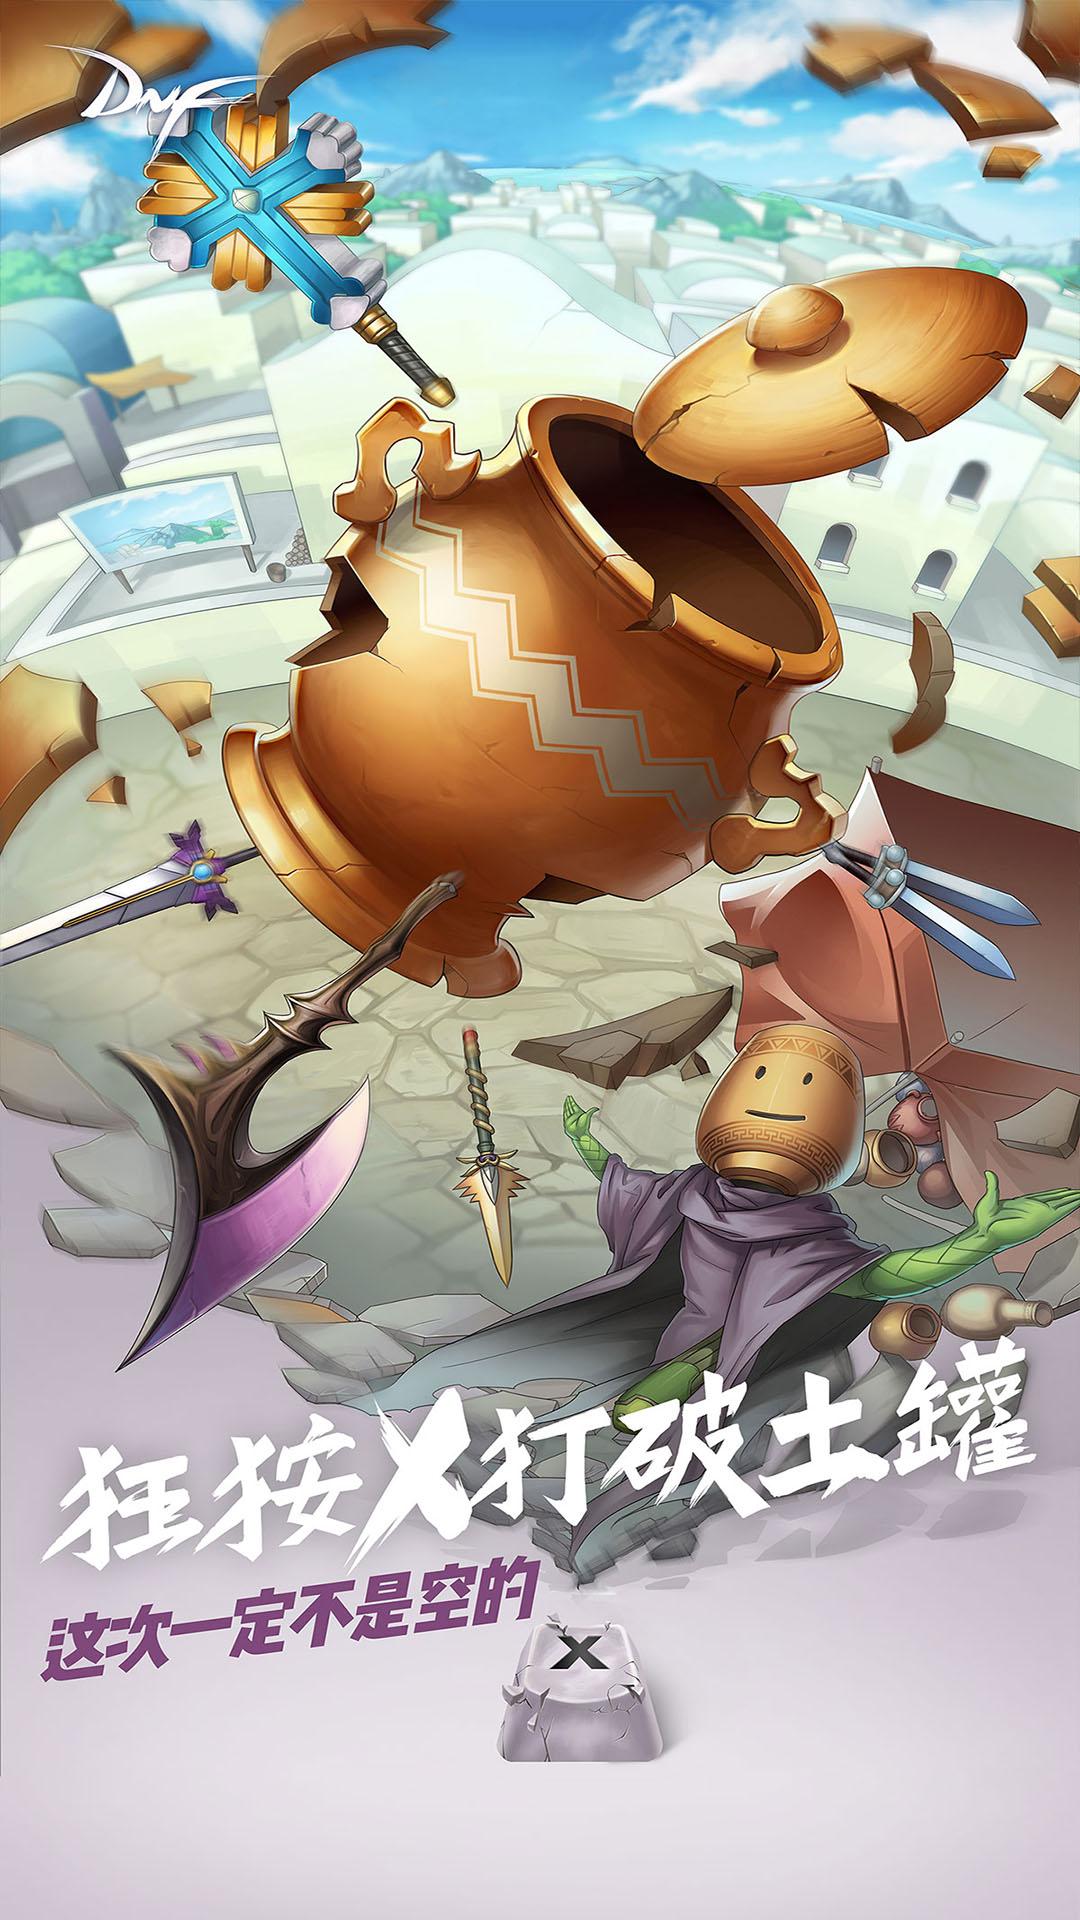 地下城与勇士小游戏图片简约手机壁纸下载